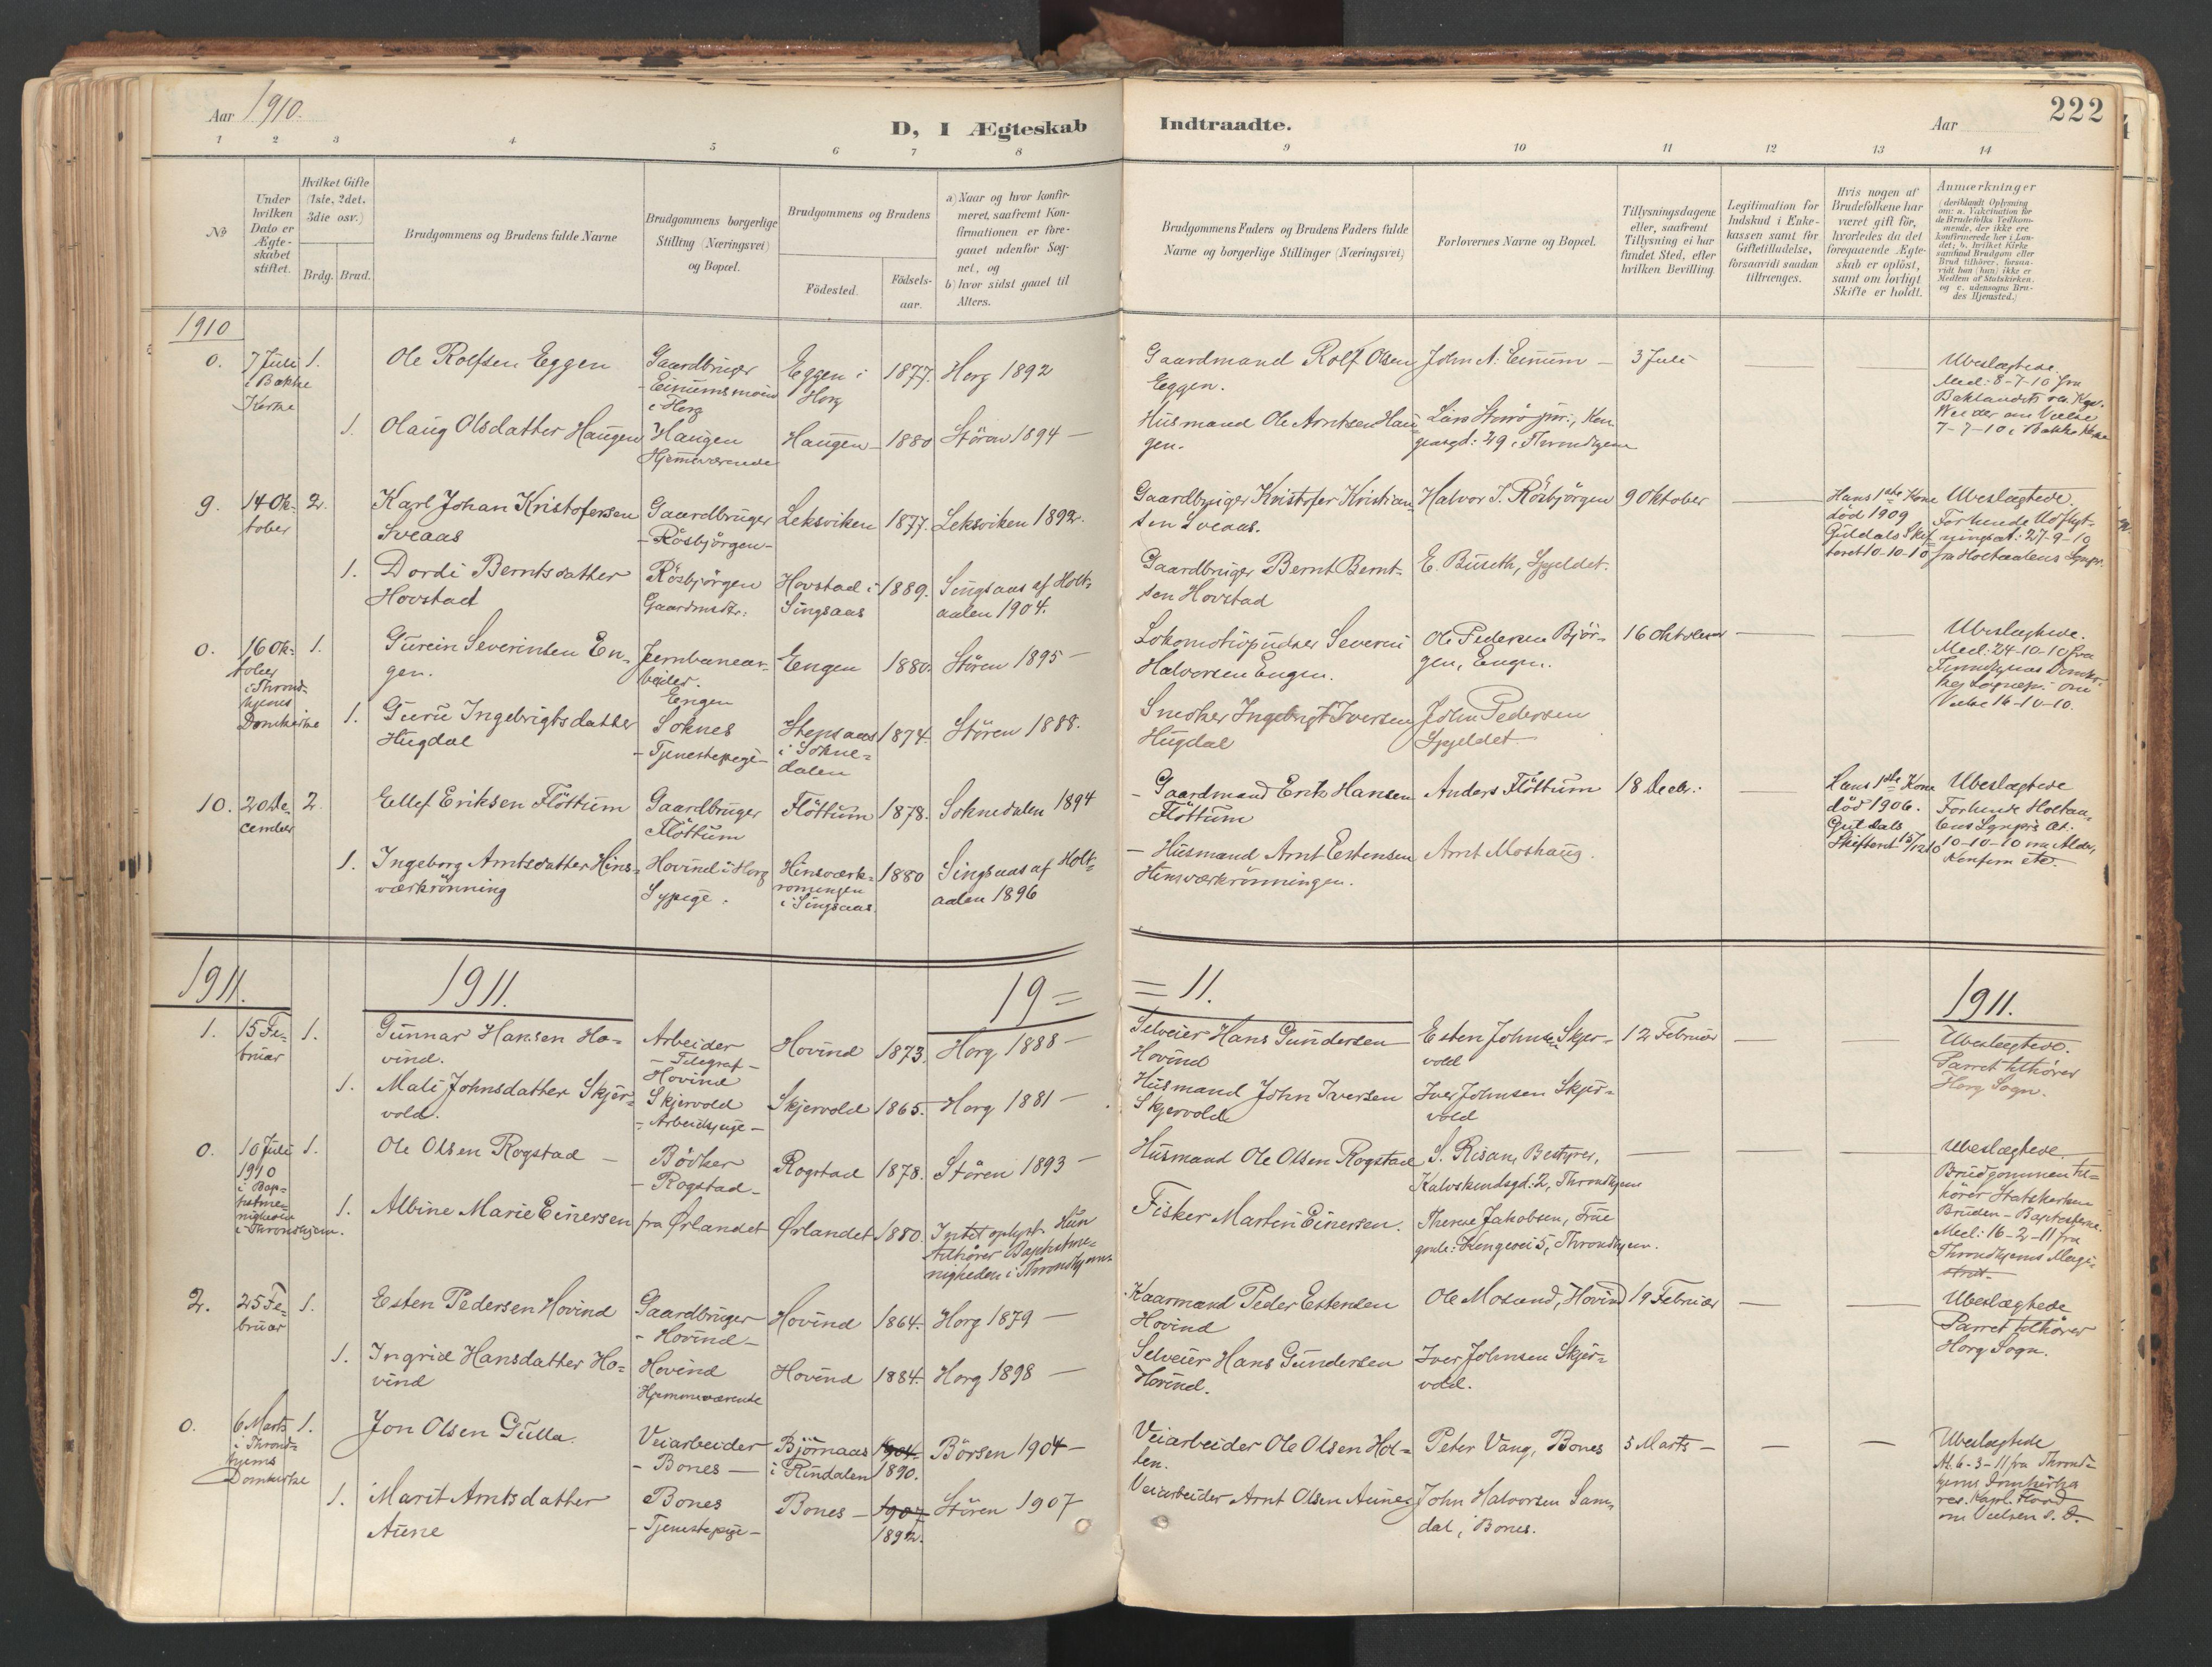 SAT, Ministerialprotokoller, klokkerbøker og fødselsregistre - Sør-Trøndelag, 687/L1004: Ministerialbok nr. 687A10, 1891-1923, s. 222